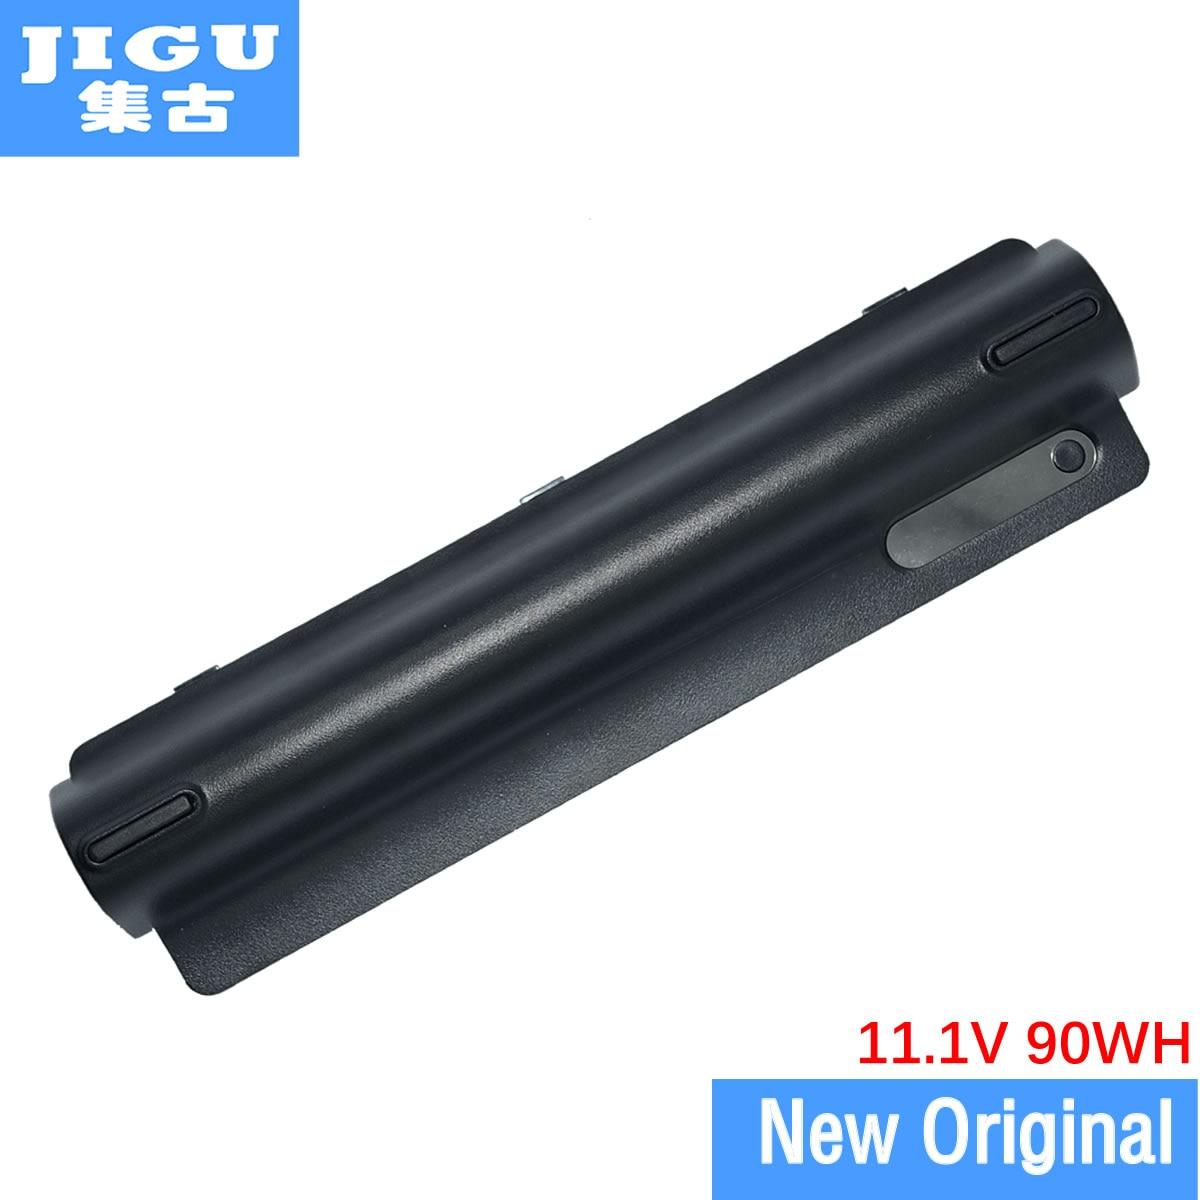 JIGU Free shipping 312-1123 J70W7 R795X WHXY3 Original laptop <font><b>Battery</b></font> For Dell XPS14 XPS15 L402x L501x L502x L701x <font><b>L702x</b></font> 11.1V